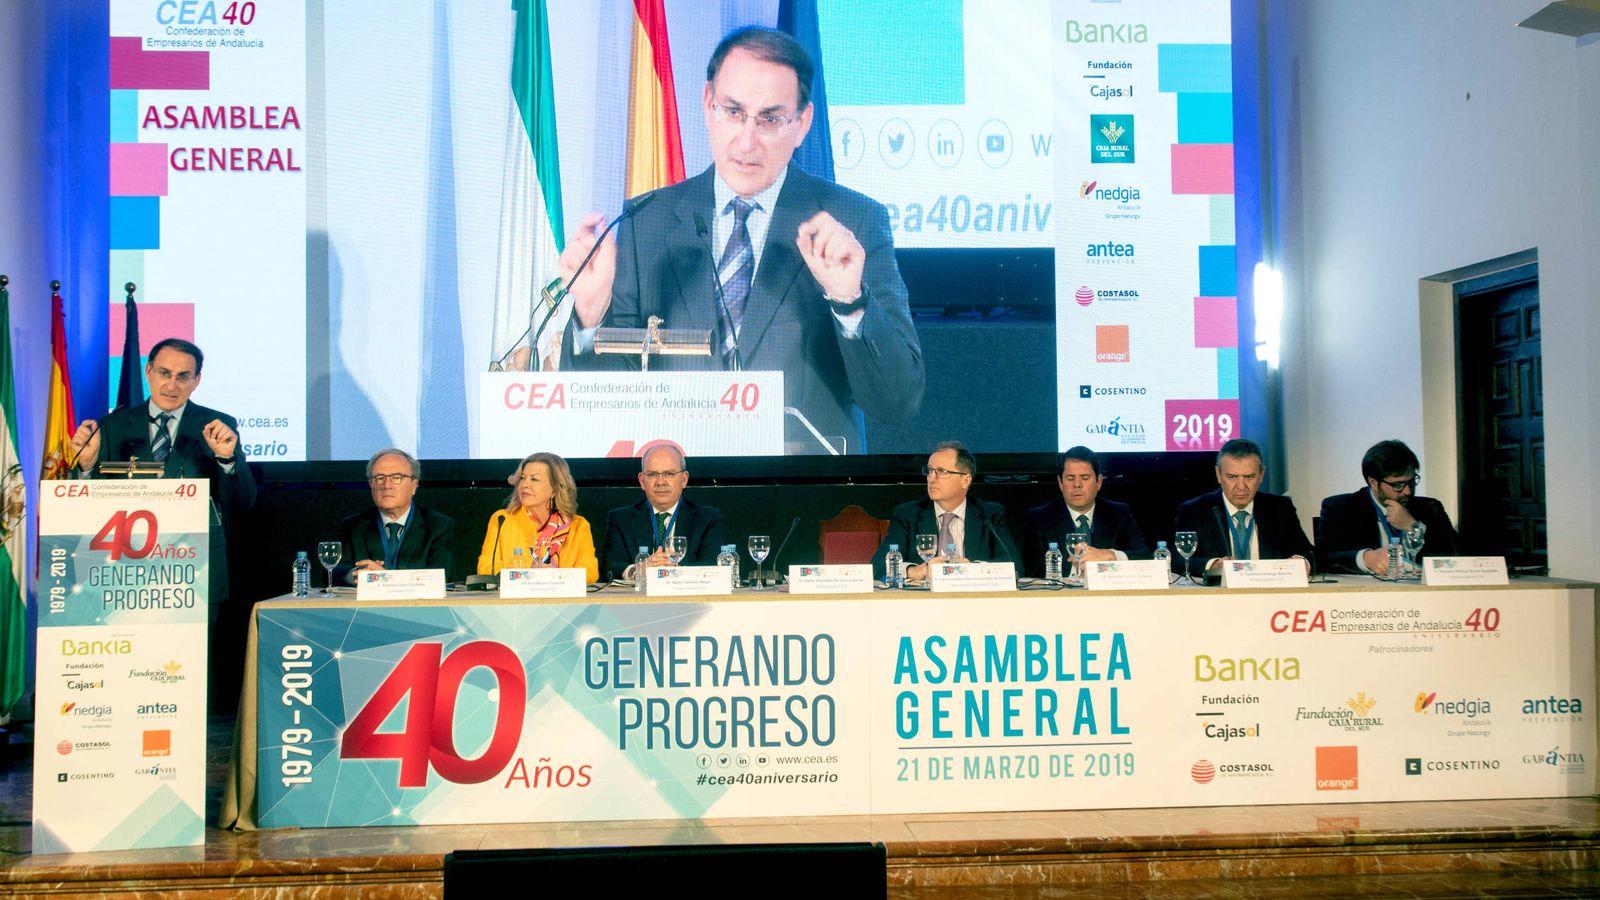 Foto: Acto de celebración de los 40 años en Antequera. (CEA)